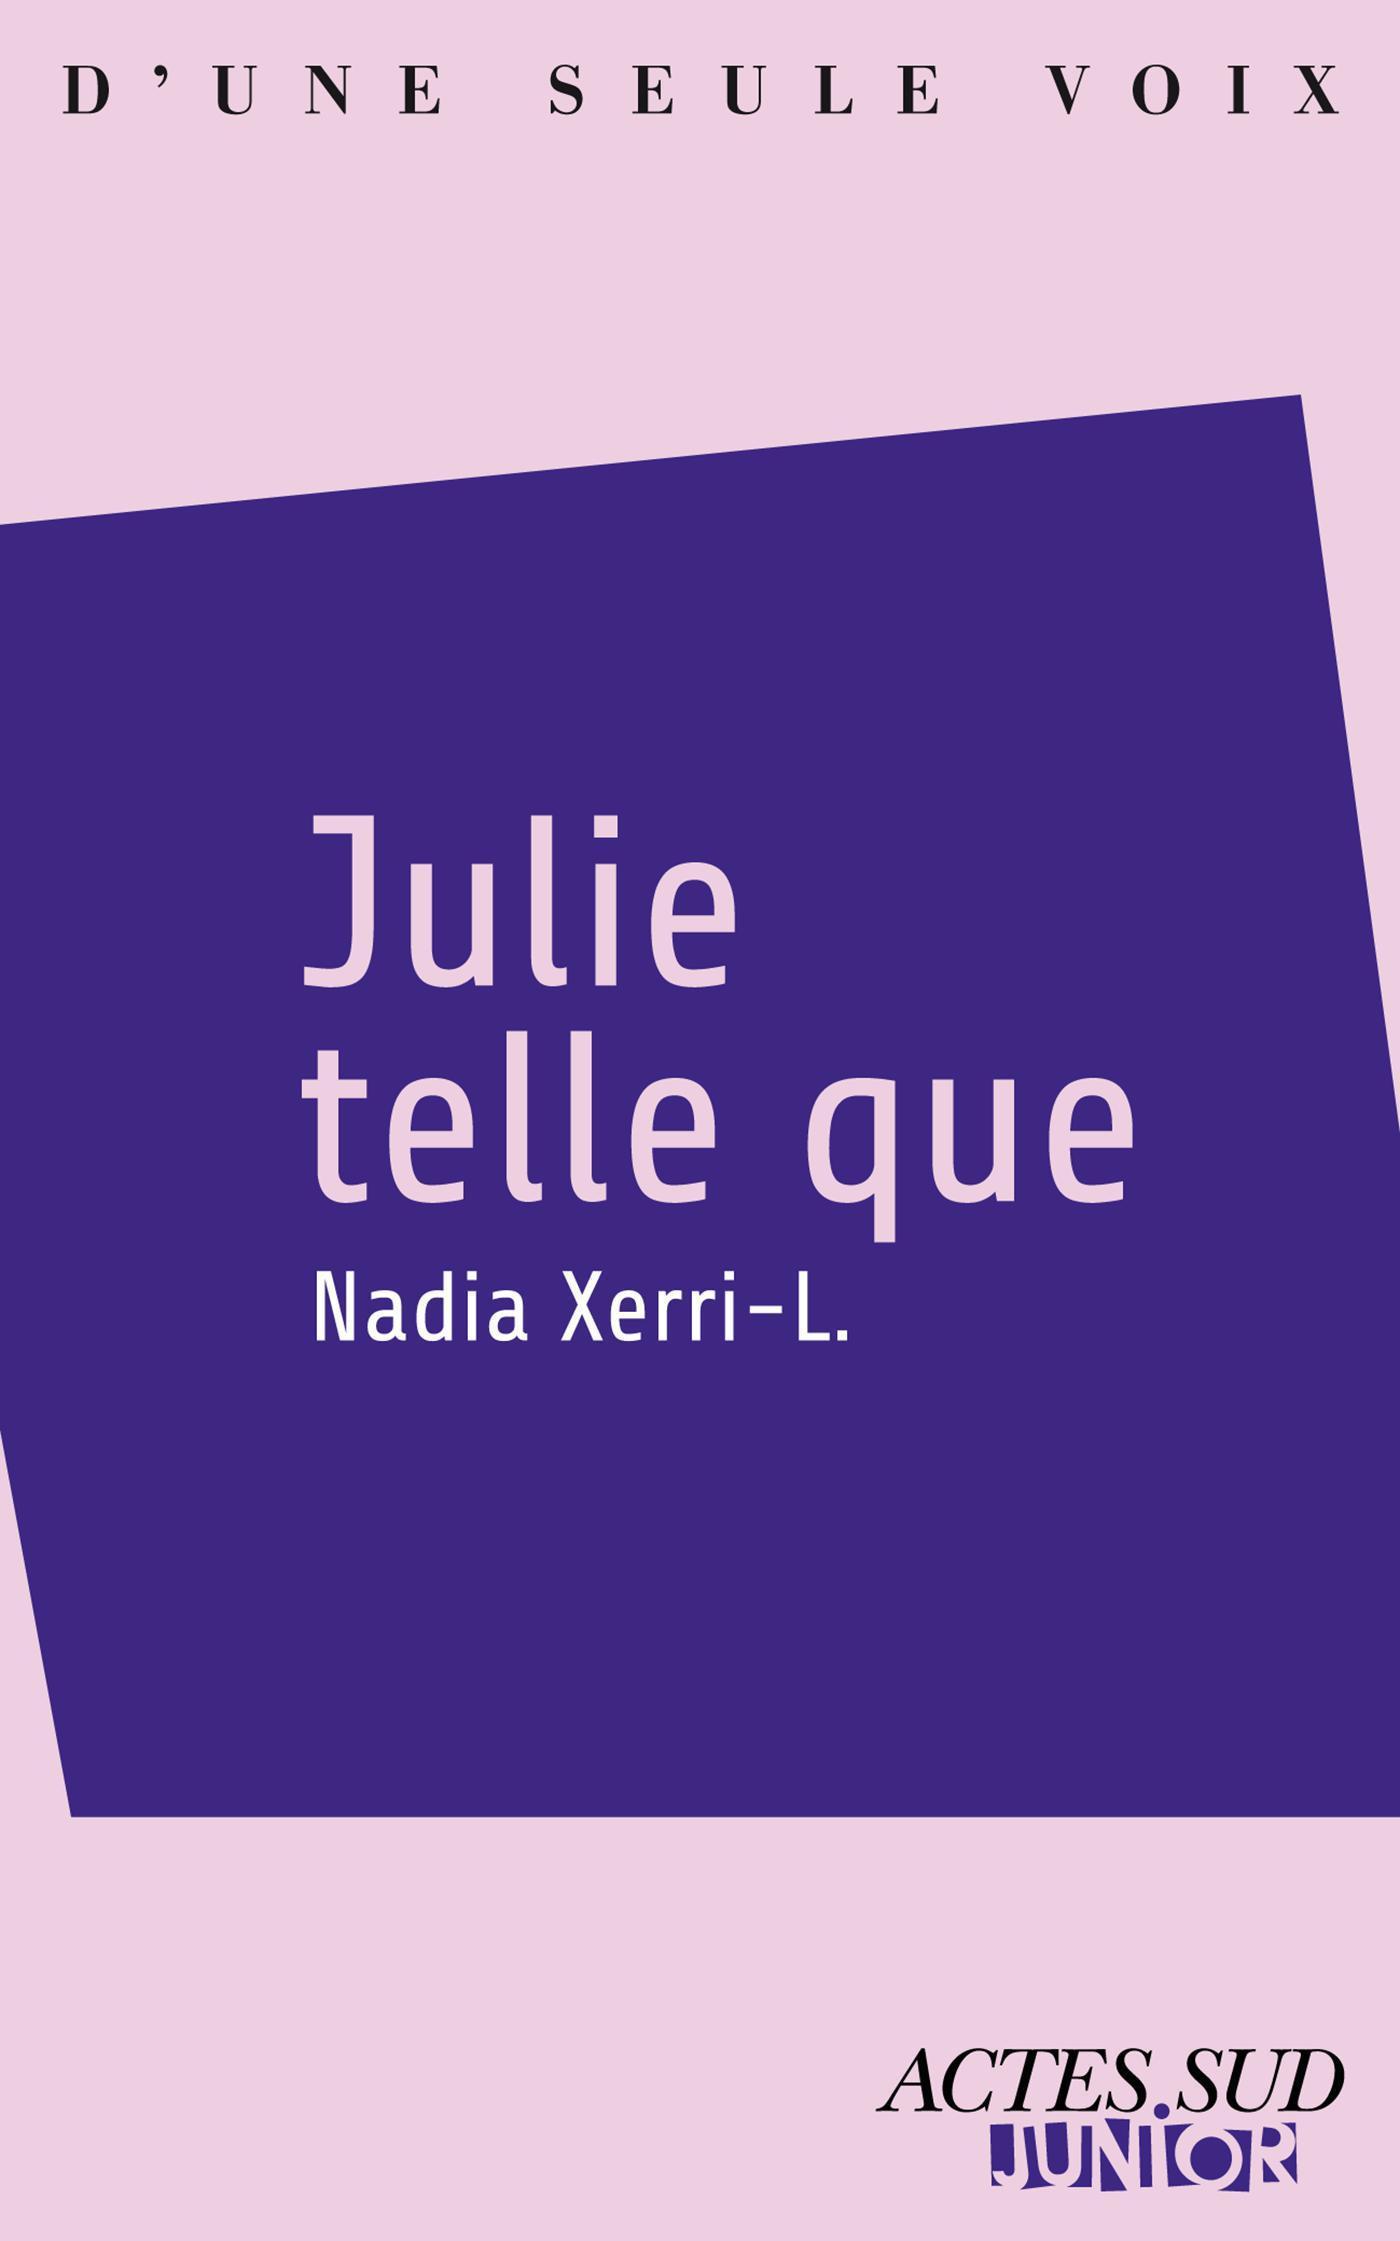 Julie telle que |